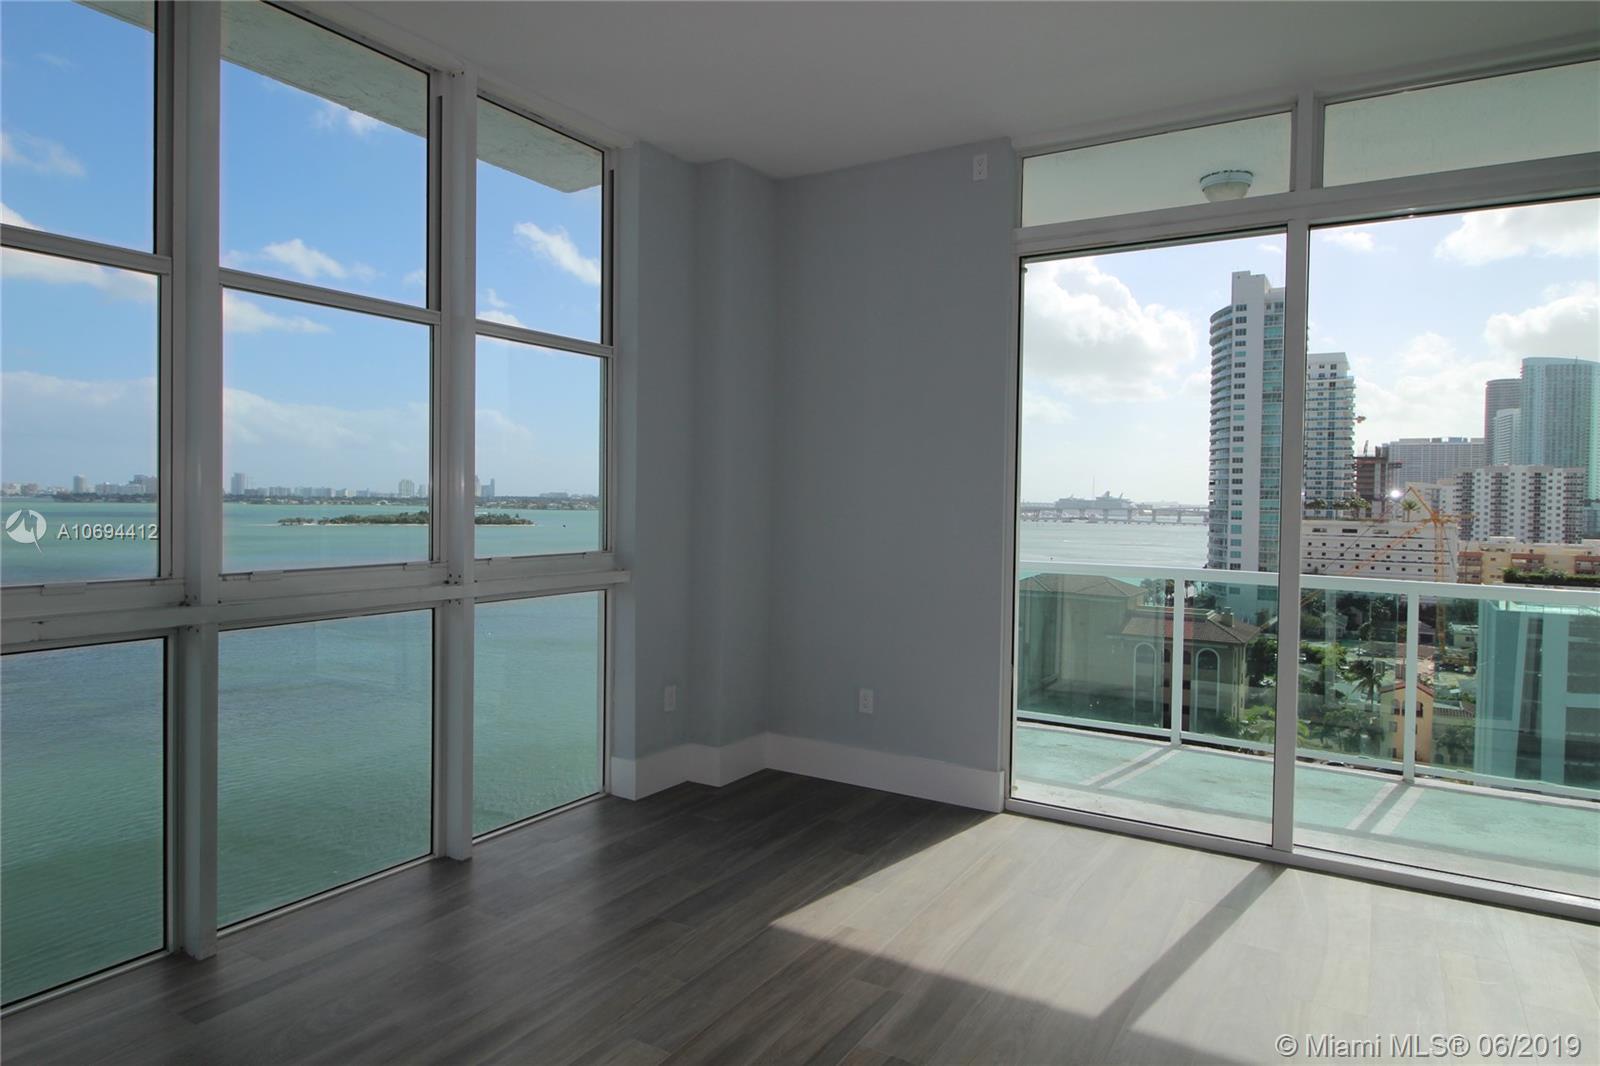 520 NE 29th St #1208, Miami FL 33137